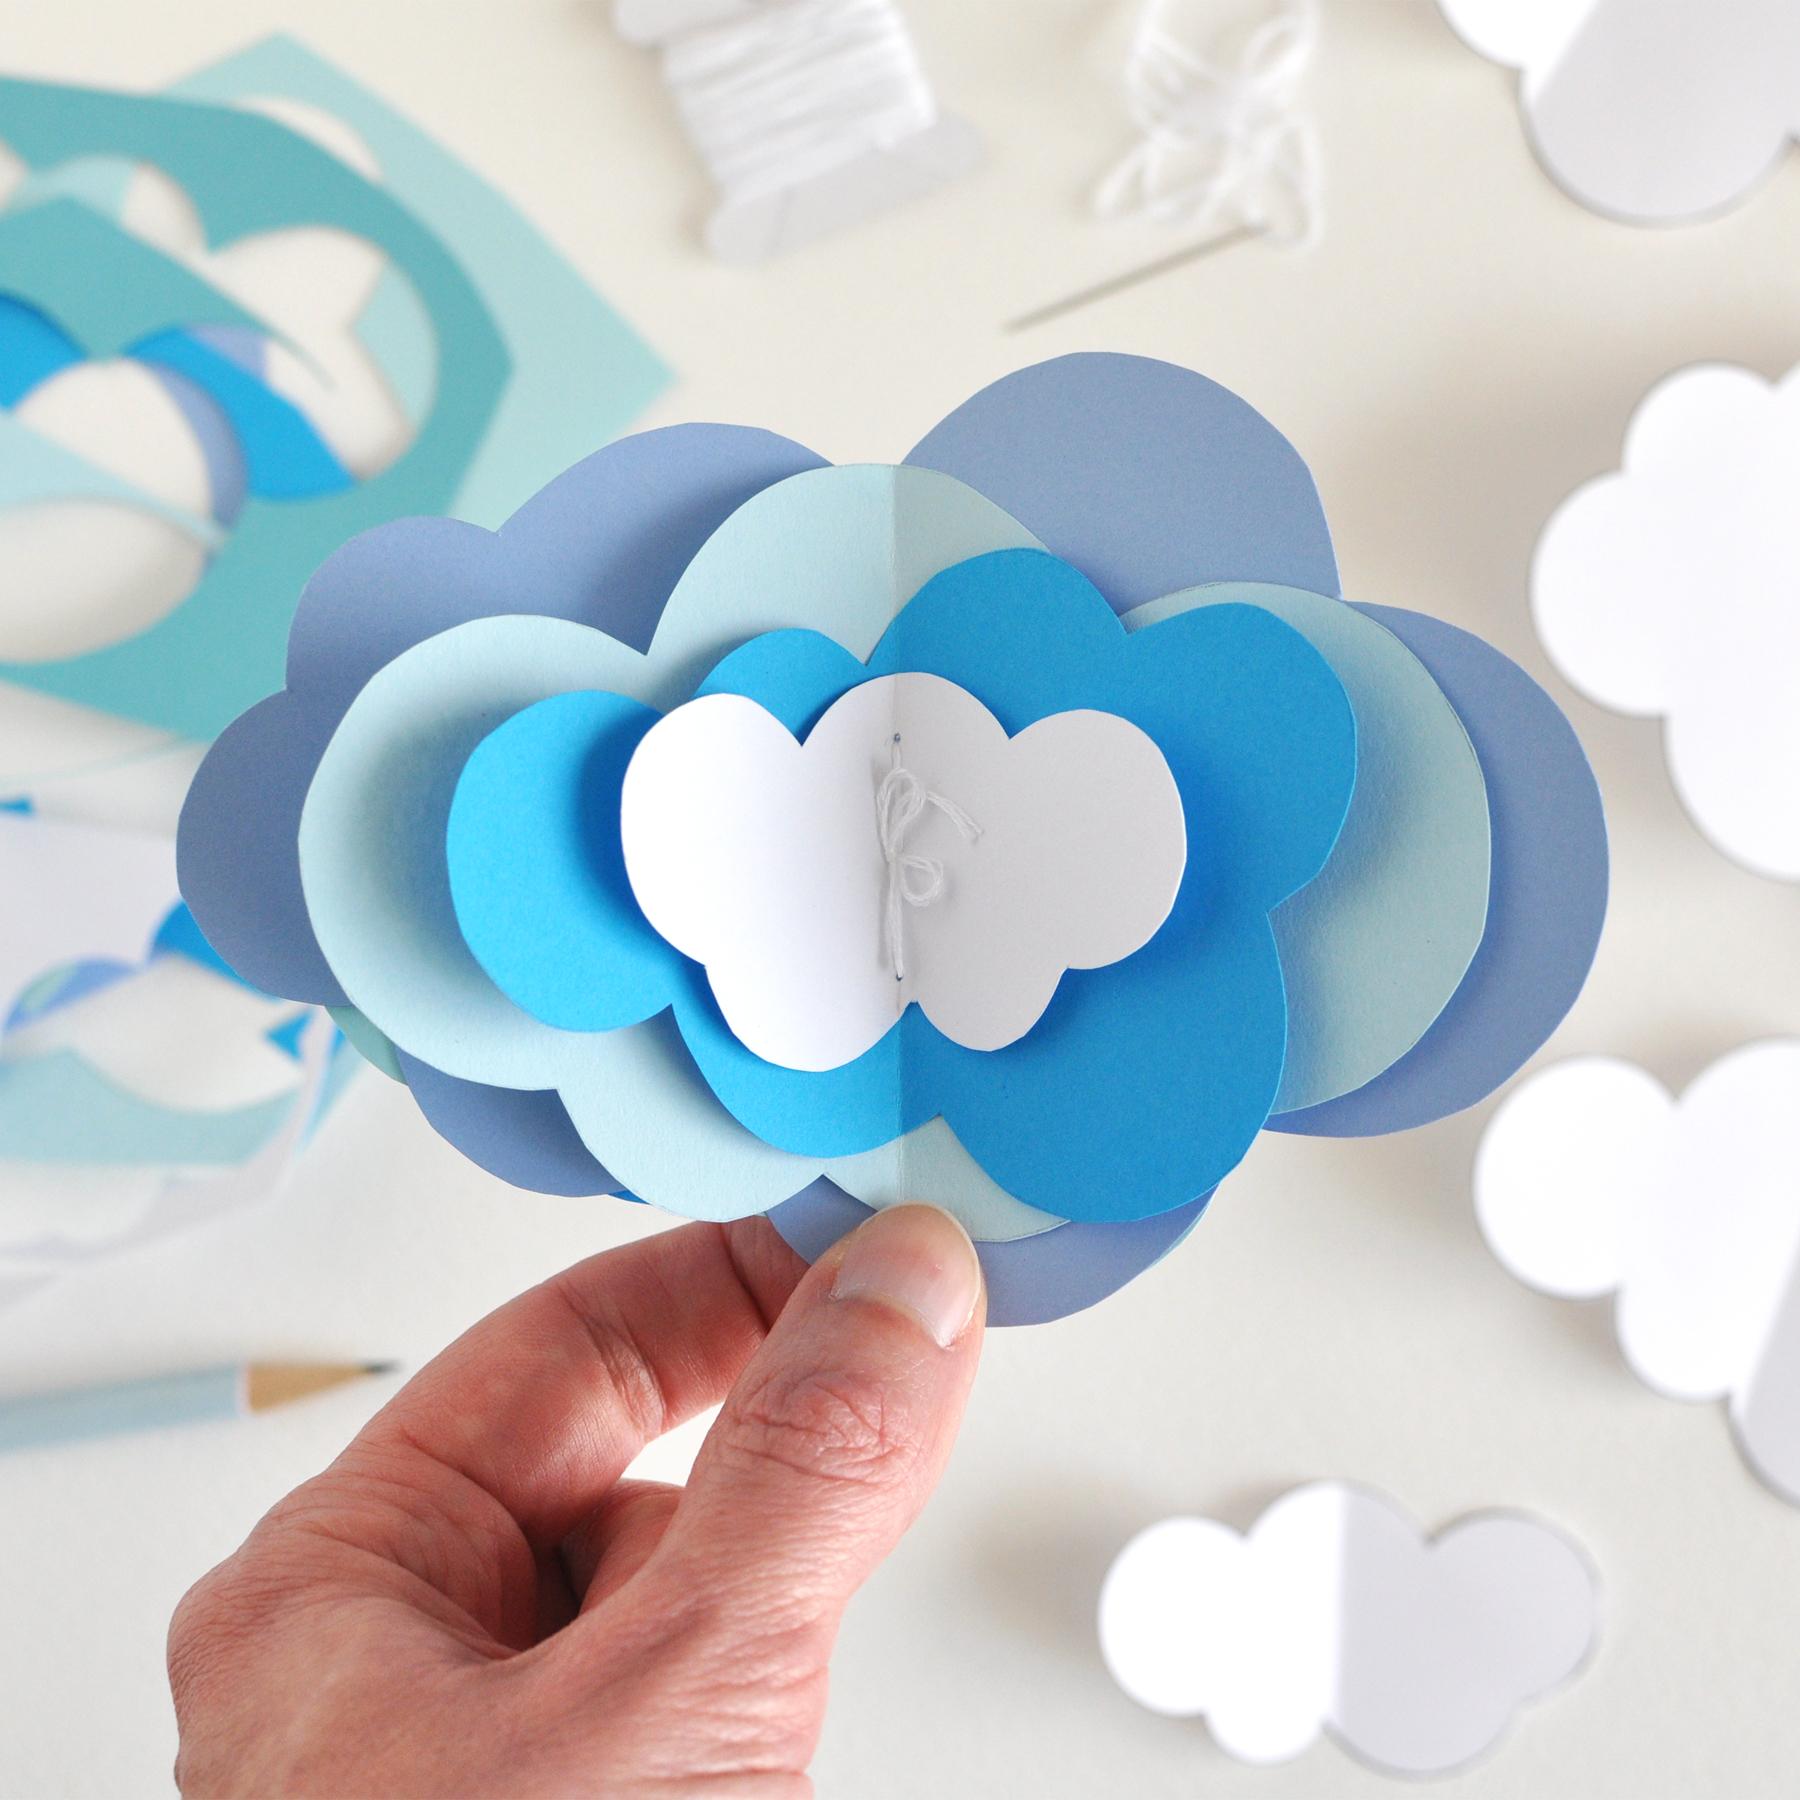 21-05-2019-Handmade-Cloud-Journal-by-Christie-Zimmer.jpg